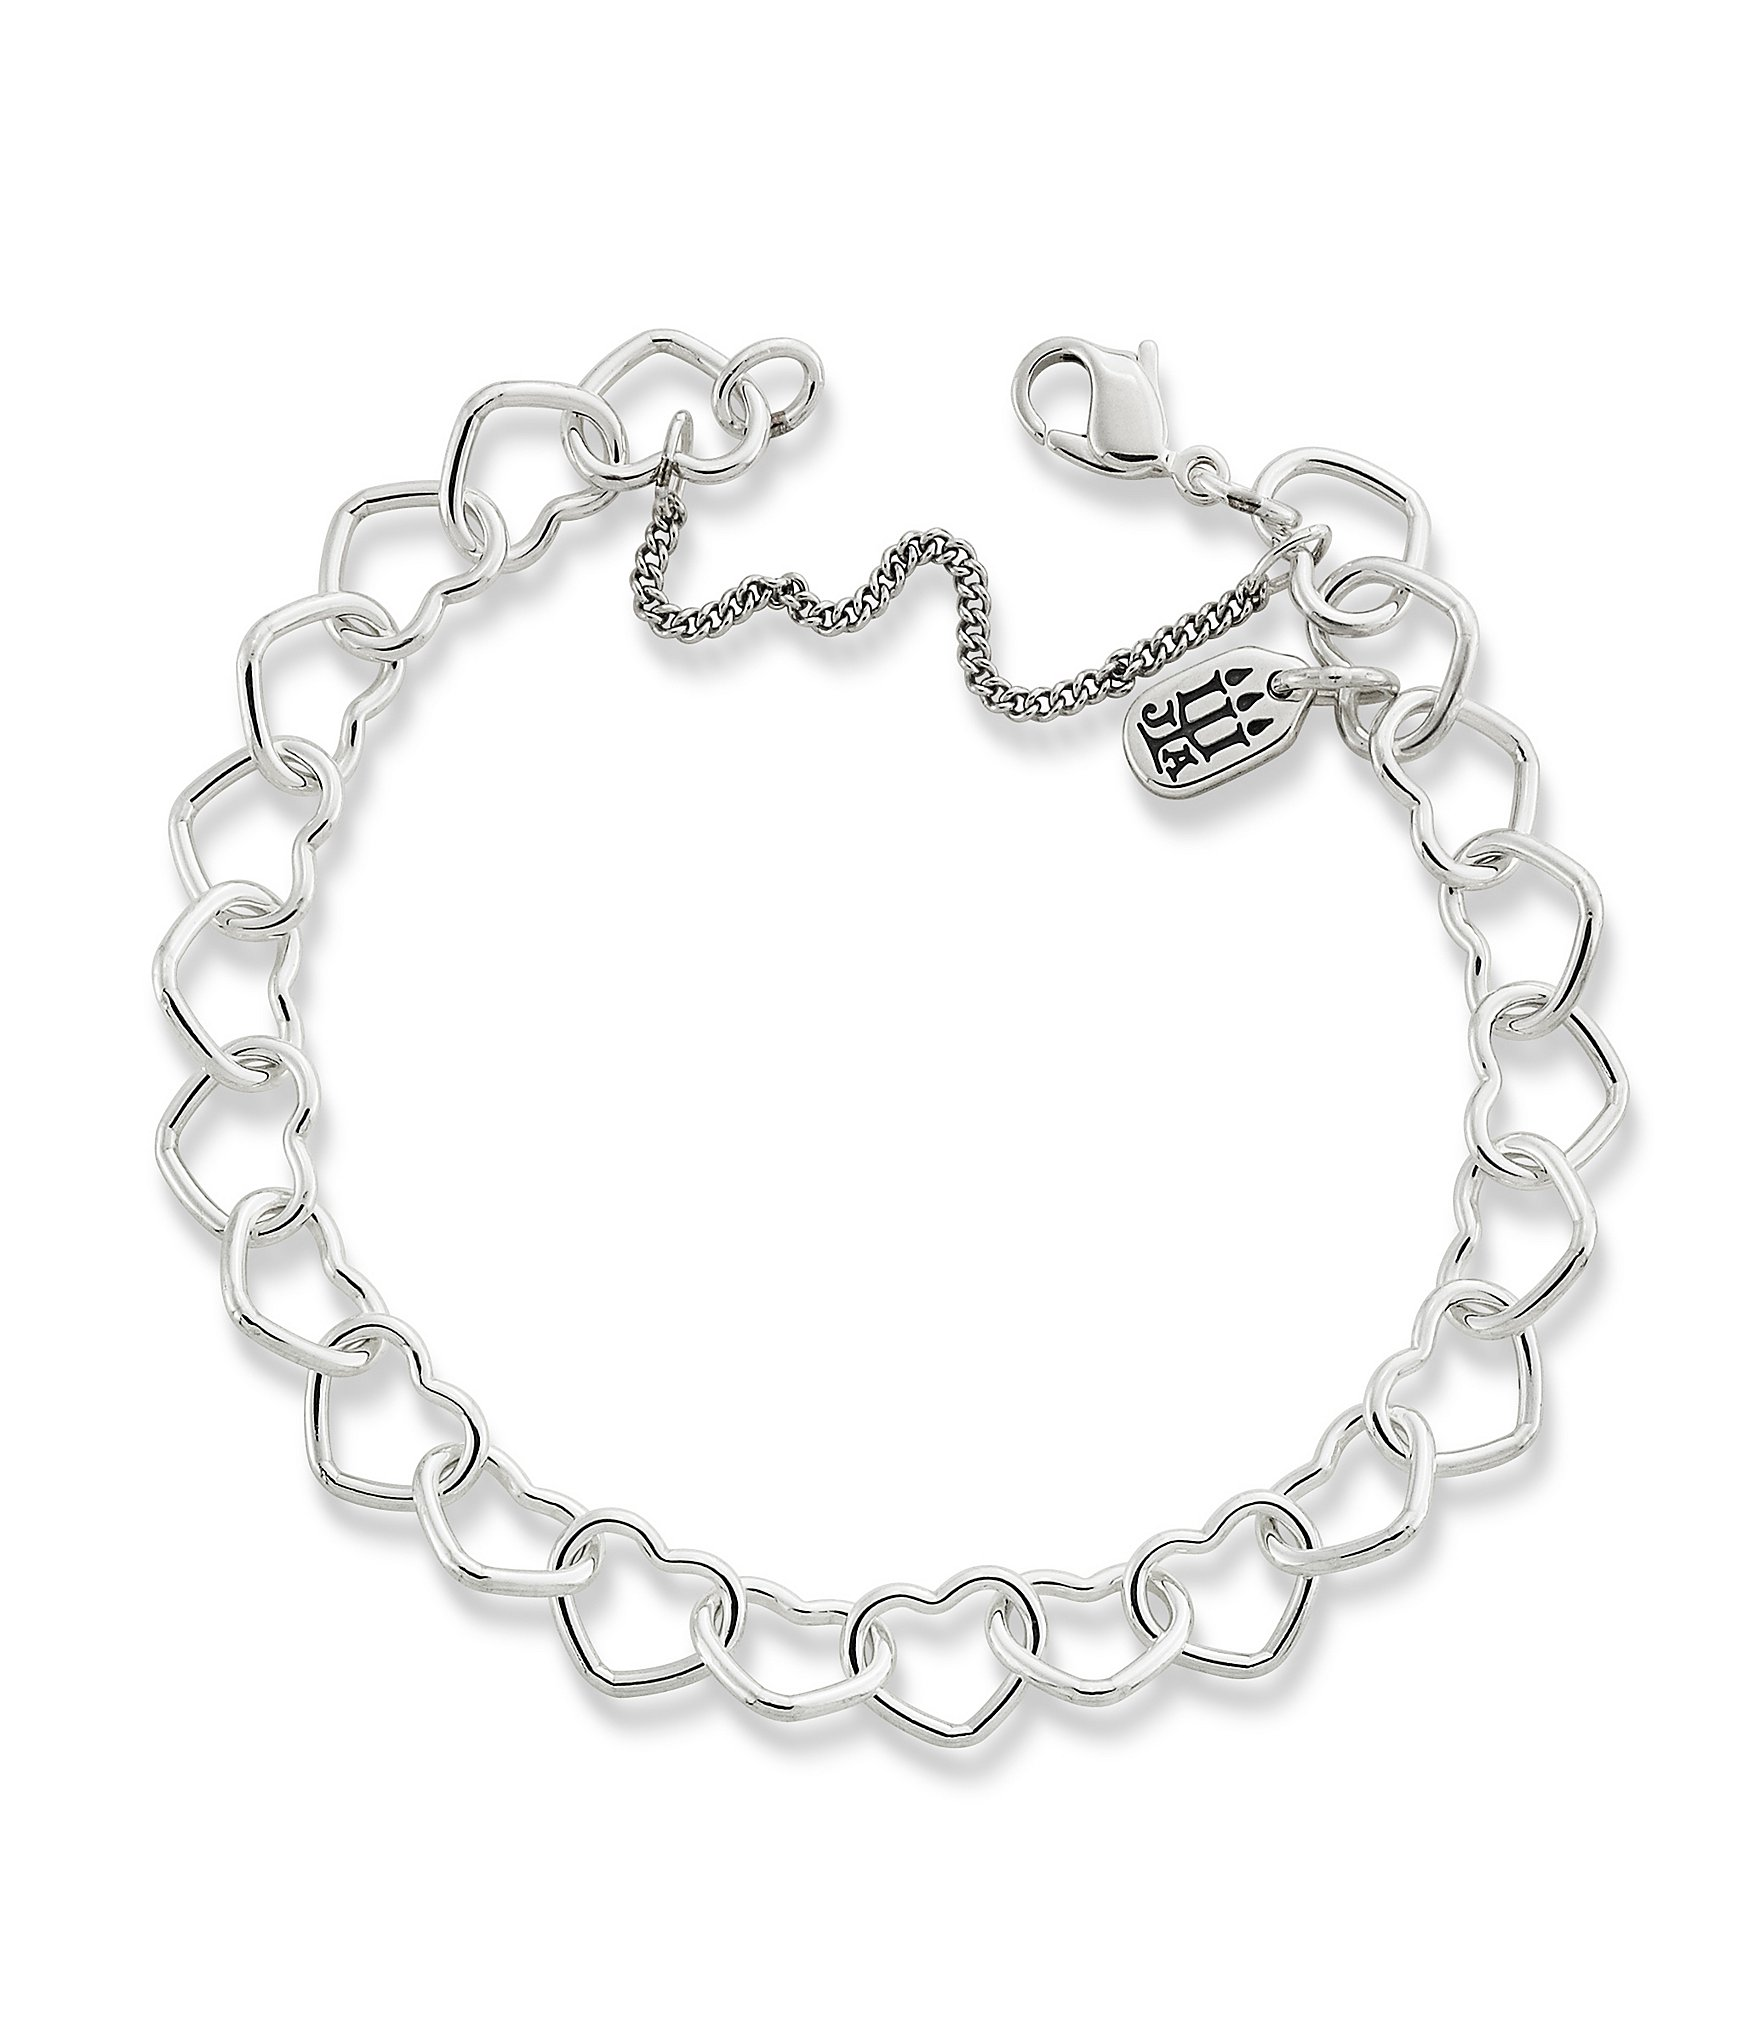 James Avery Jewelry Accessories Jewelry Bracelets